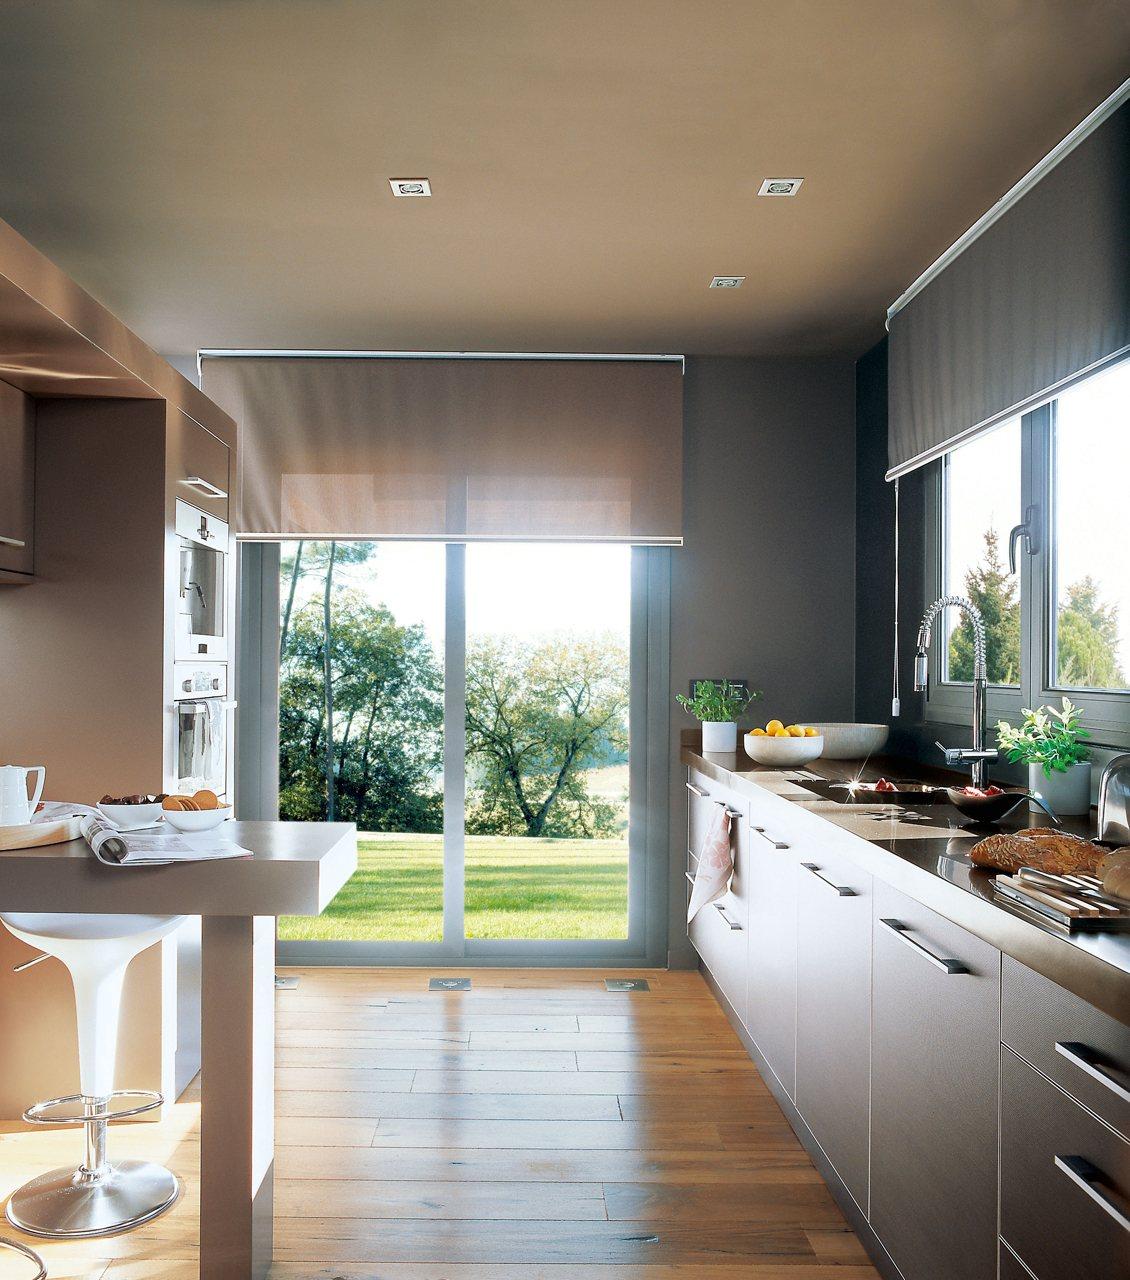 Buenas ideas para cocinas peque as - Cocinas rectangulares pequenas ...